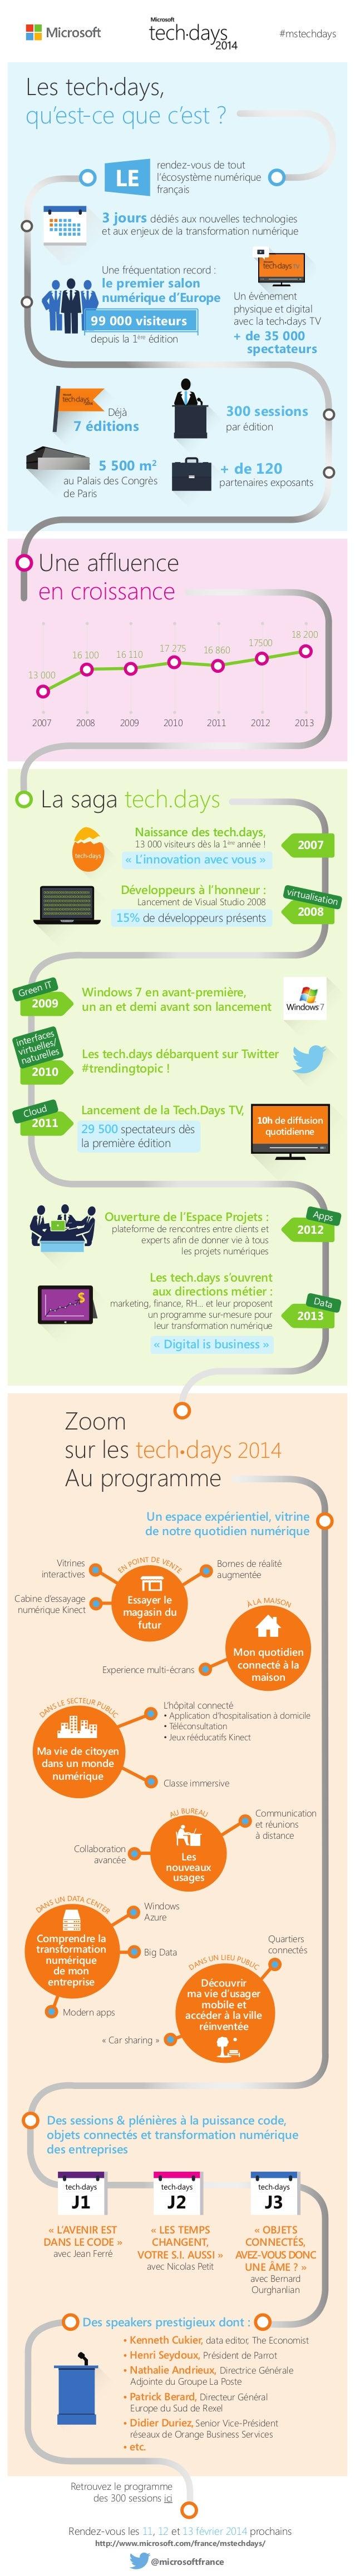 #mstechdays  Les tech•days, qu'est-ce que c'est ? rendez-vous de tout l'écosystème numérique français  LE  3 jours dédiés ...